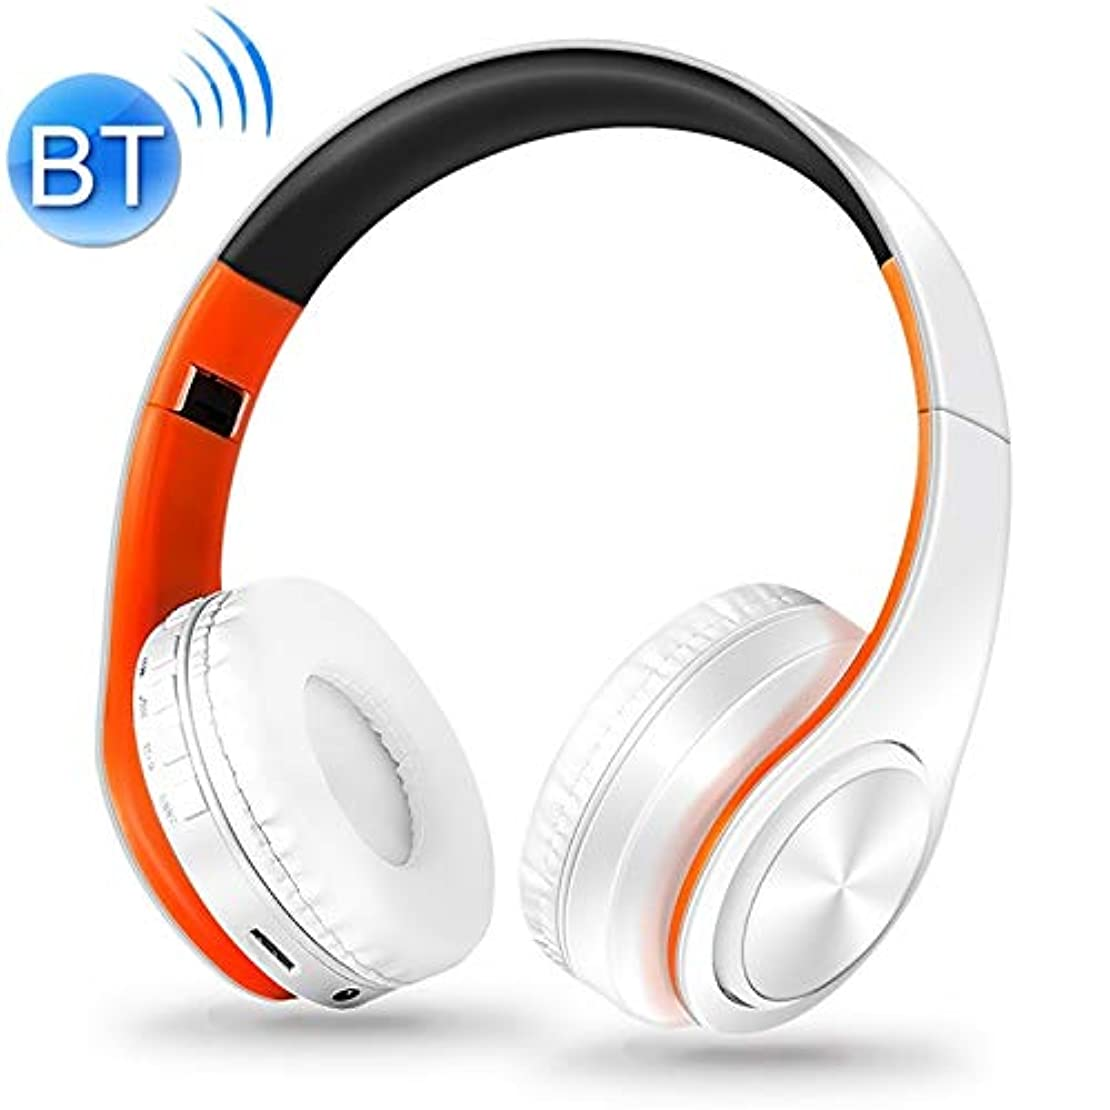 社会科伝えるフォームHeadphone LPT660ワイヤレス折りたたみ式スポーツステレオミュージックブルートゥース電話イヤホンサポートTFカード(オレンジ)、待機時間:250時間以上 Headphone (色 : オレンジ)